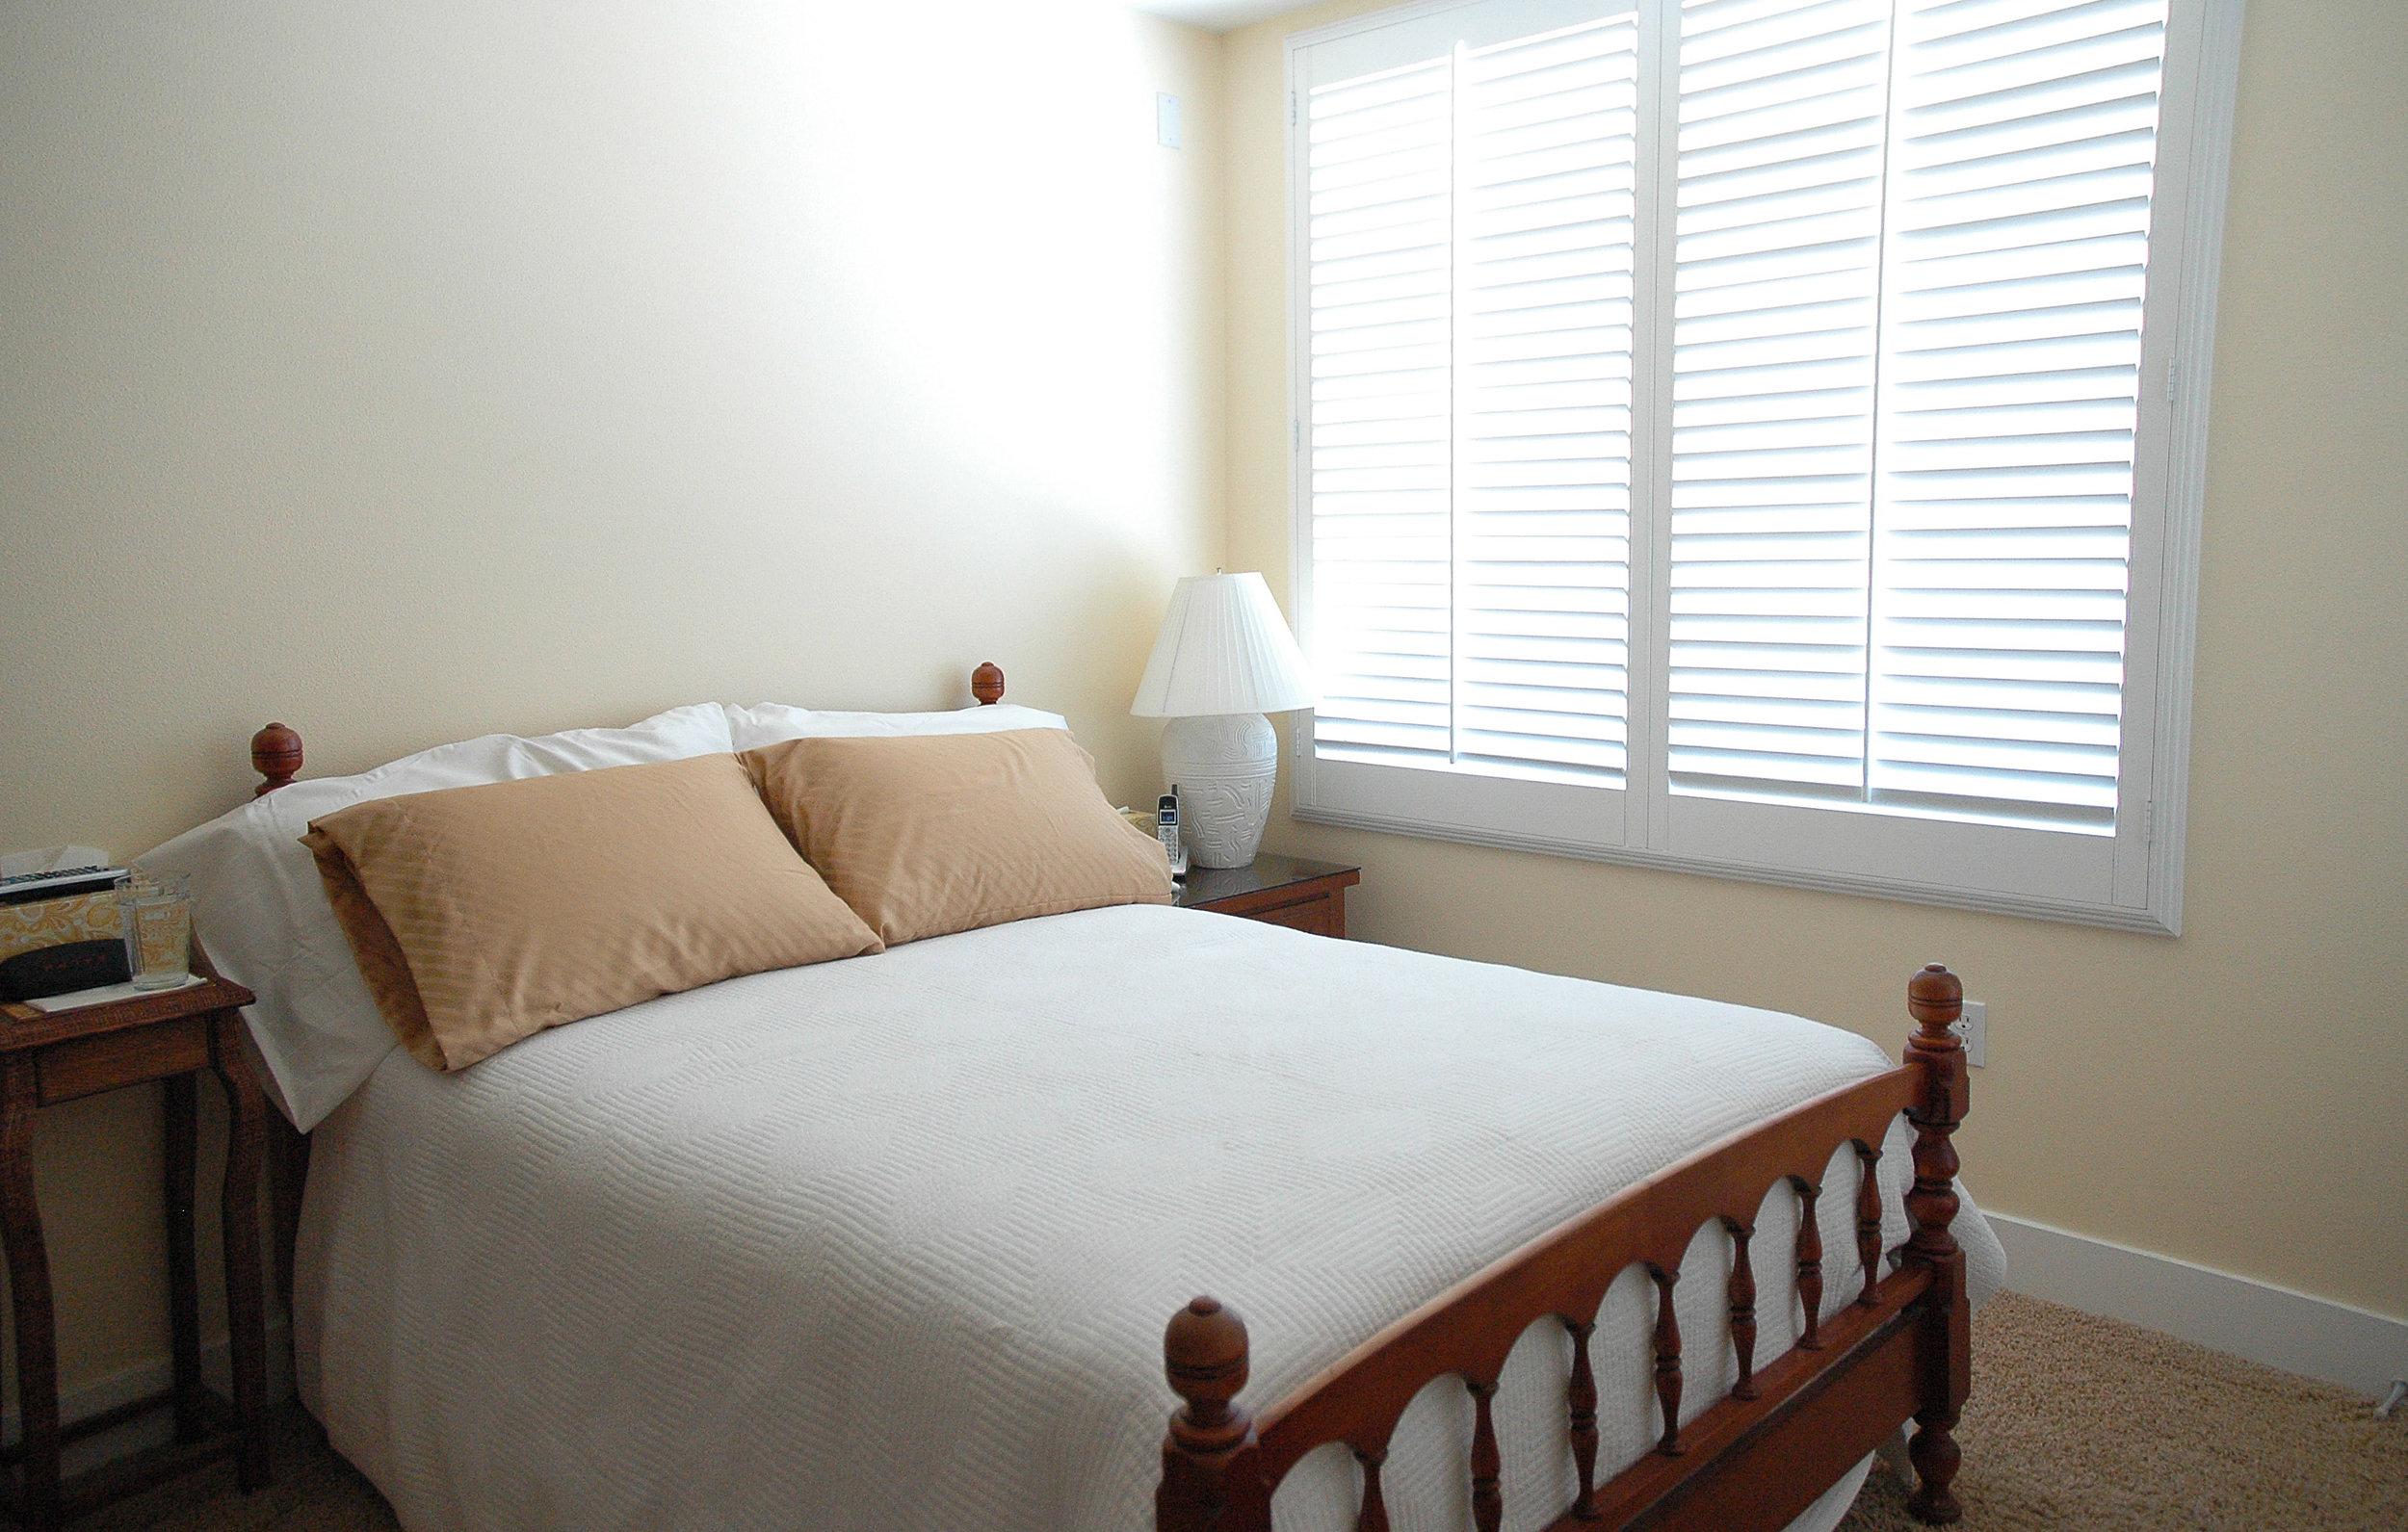 211-master-bedroom_edited-1_7269533046_o.jpg